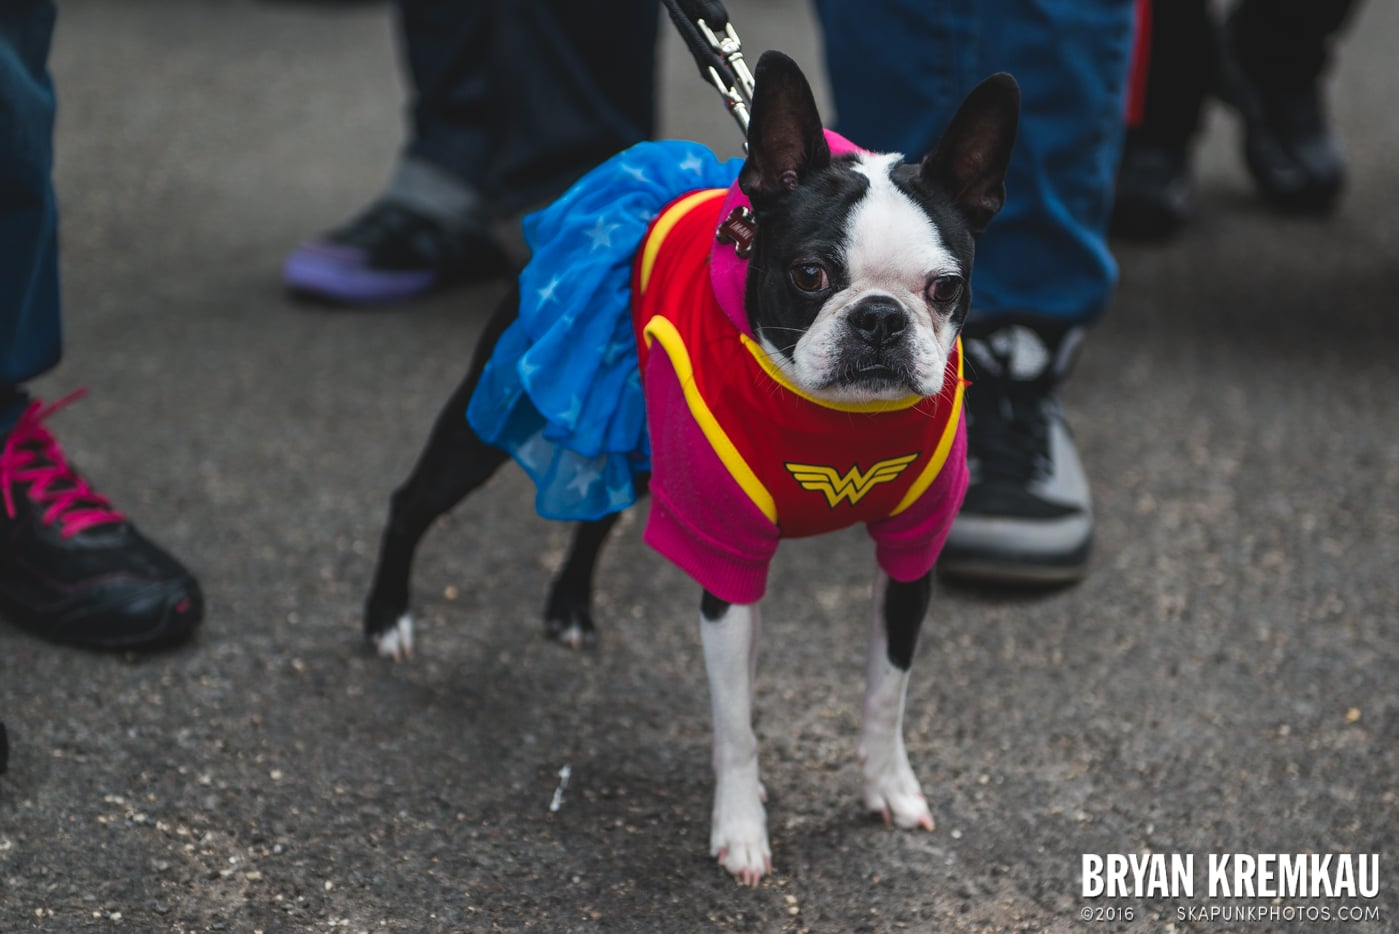 Tompkins Square Halloween Dog Parade 2015 @ Tompkins Square Park, NYC – 10.24.15 (64)